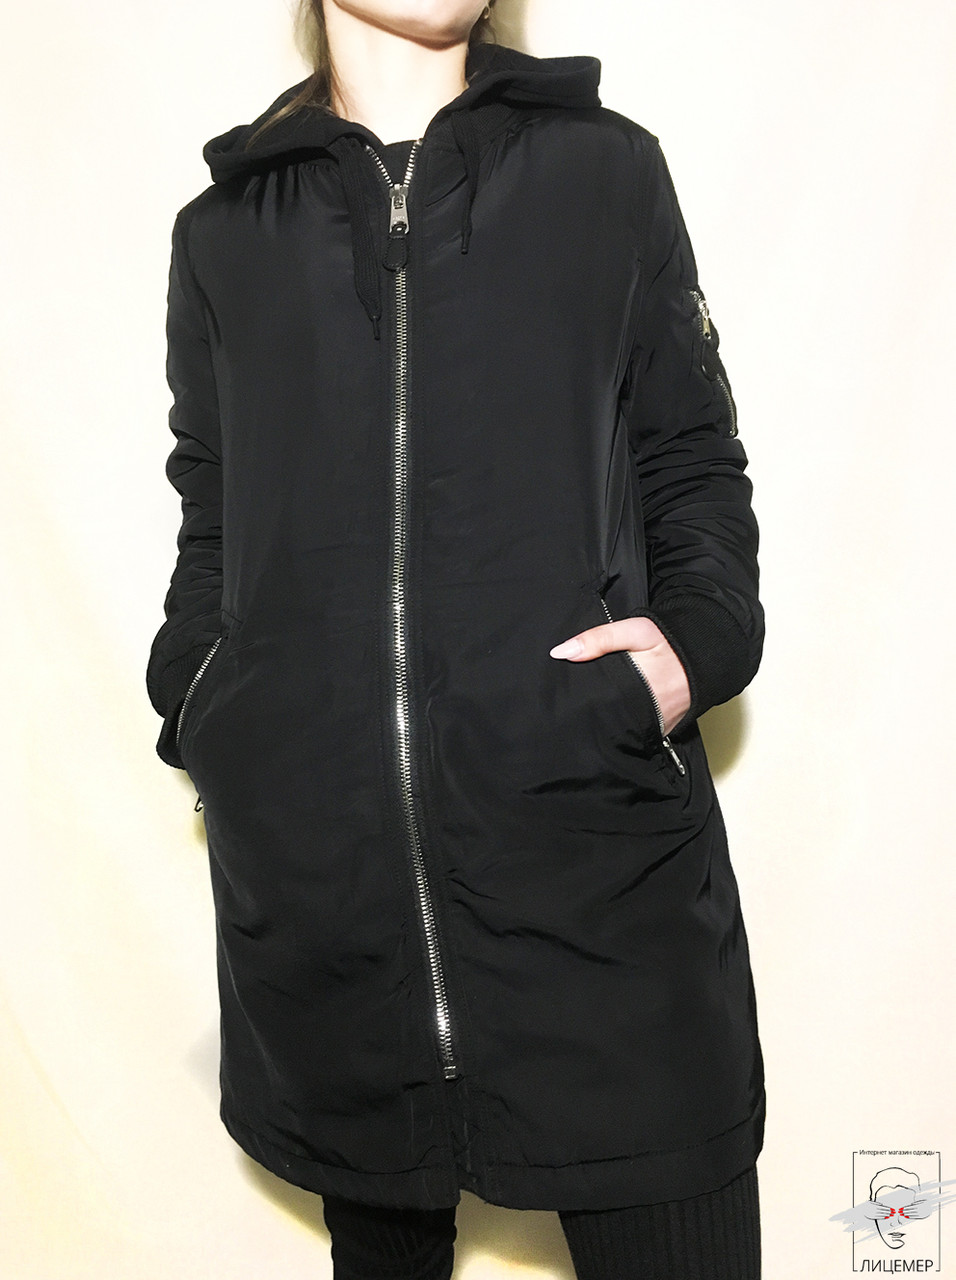 Парка черная Bershka без капюшона р. S 42 весенняя демисезонная классическая - Лицемер. Достойная одежда по доступной цене в Львове